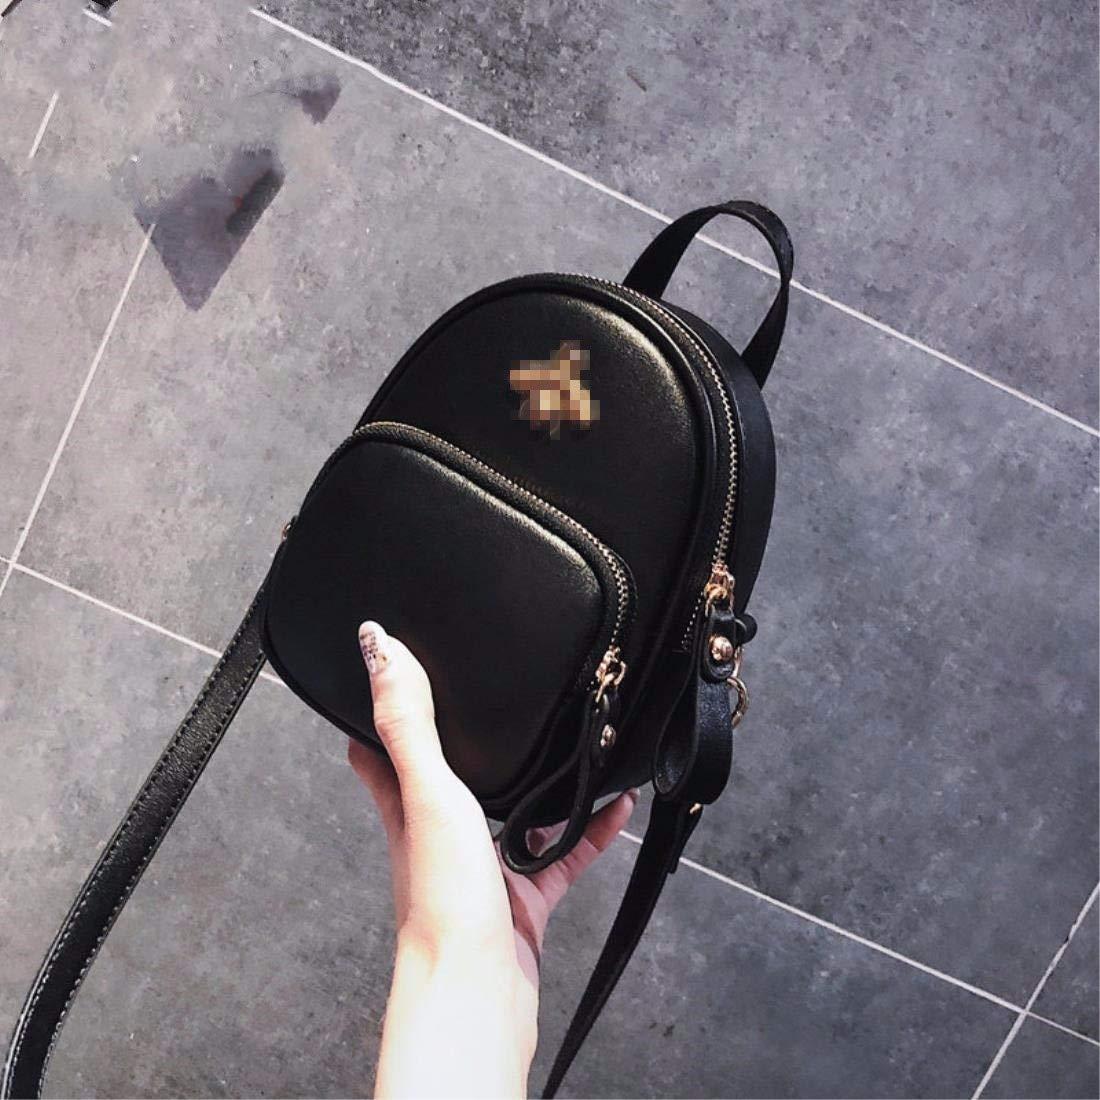 QIER-XKB Damen Tasche Crossbody Sommer Mini Schultertasche B07GXHTDG5 Umhngetaschen Wunderbar